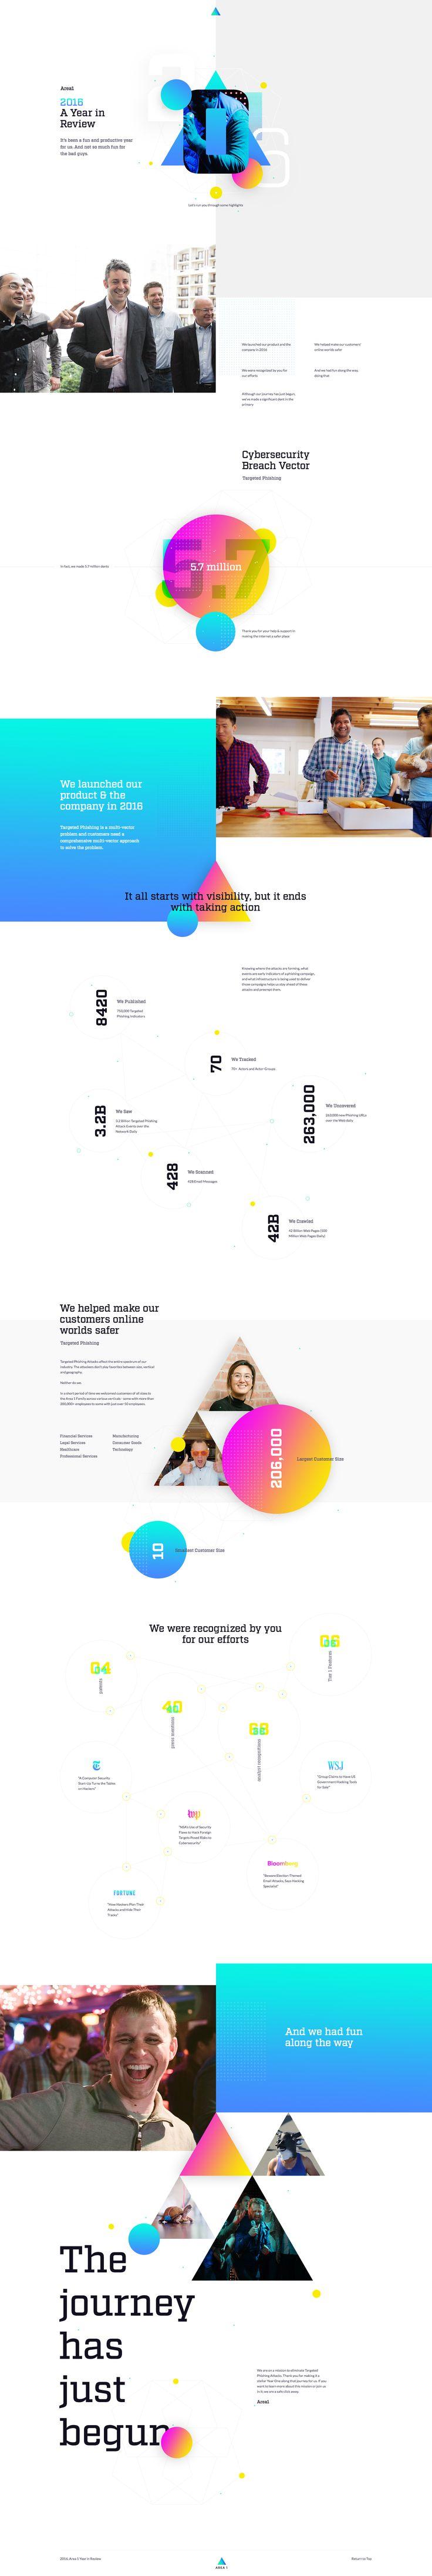 Area 1 Microsite – Ui design concept by Elegant Seagulls.